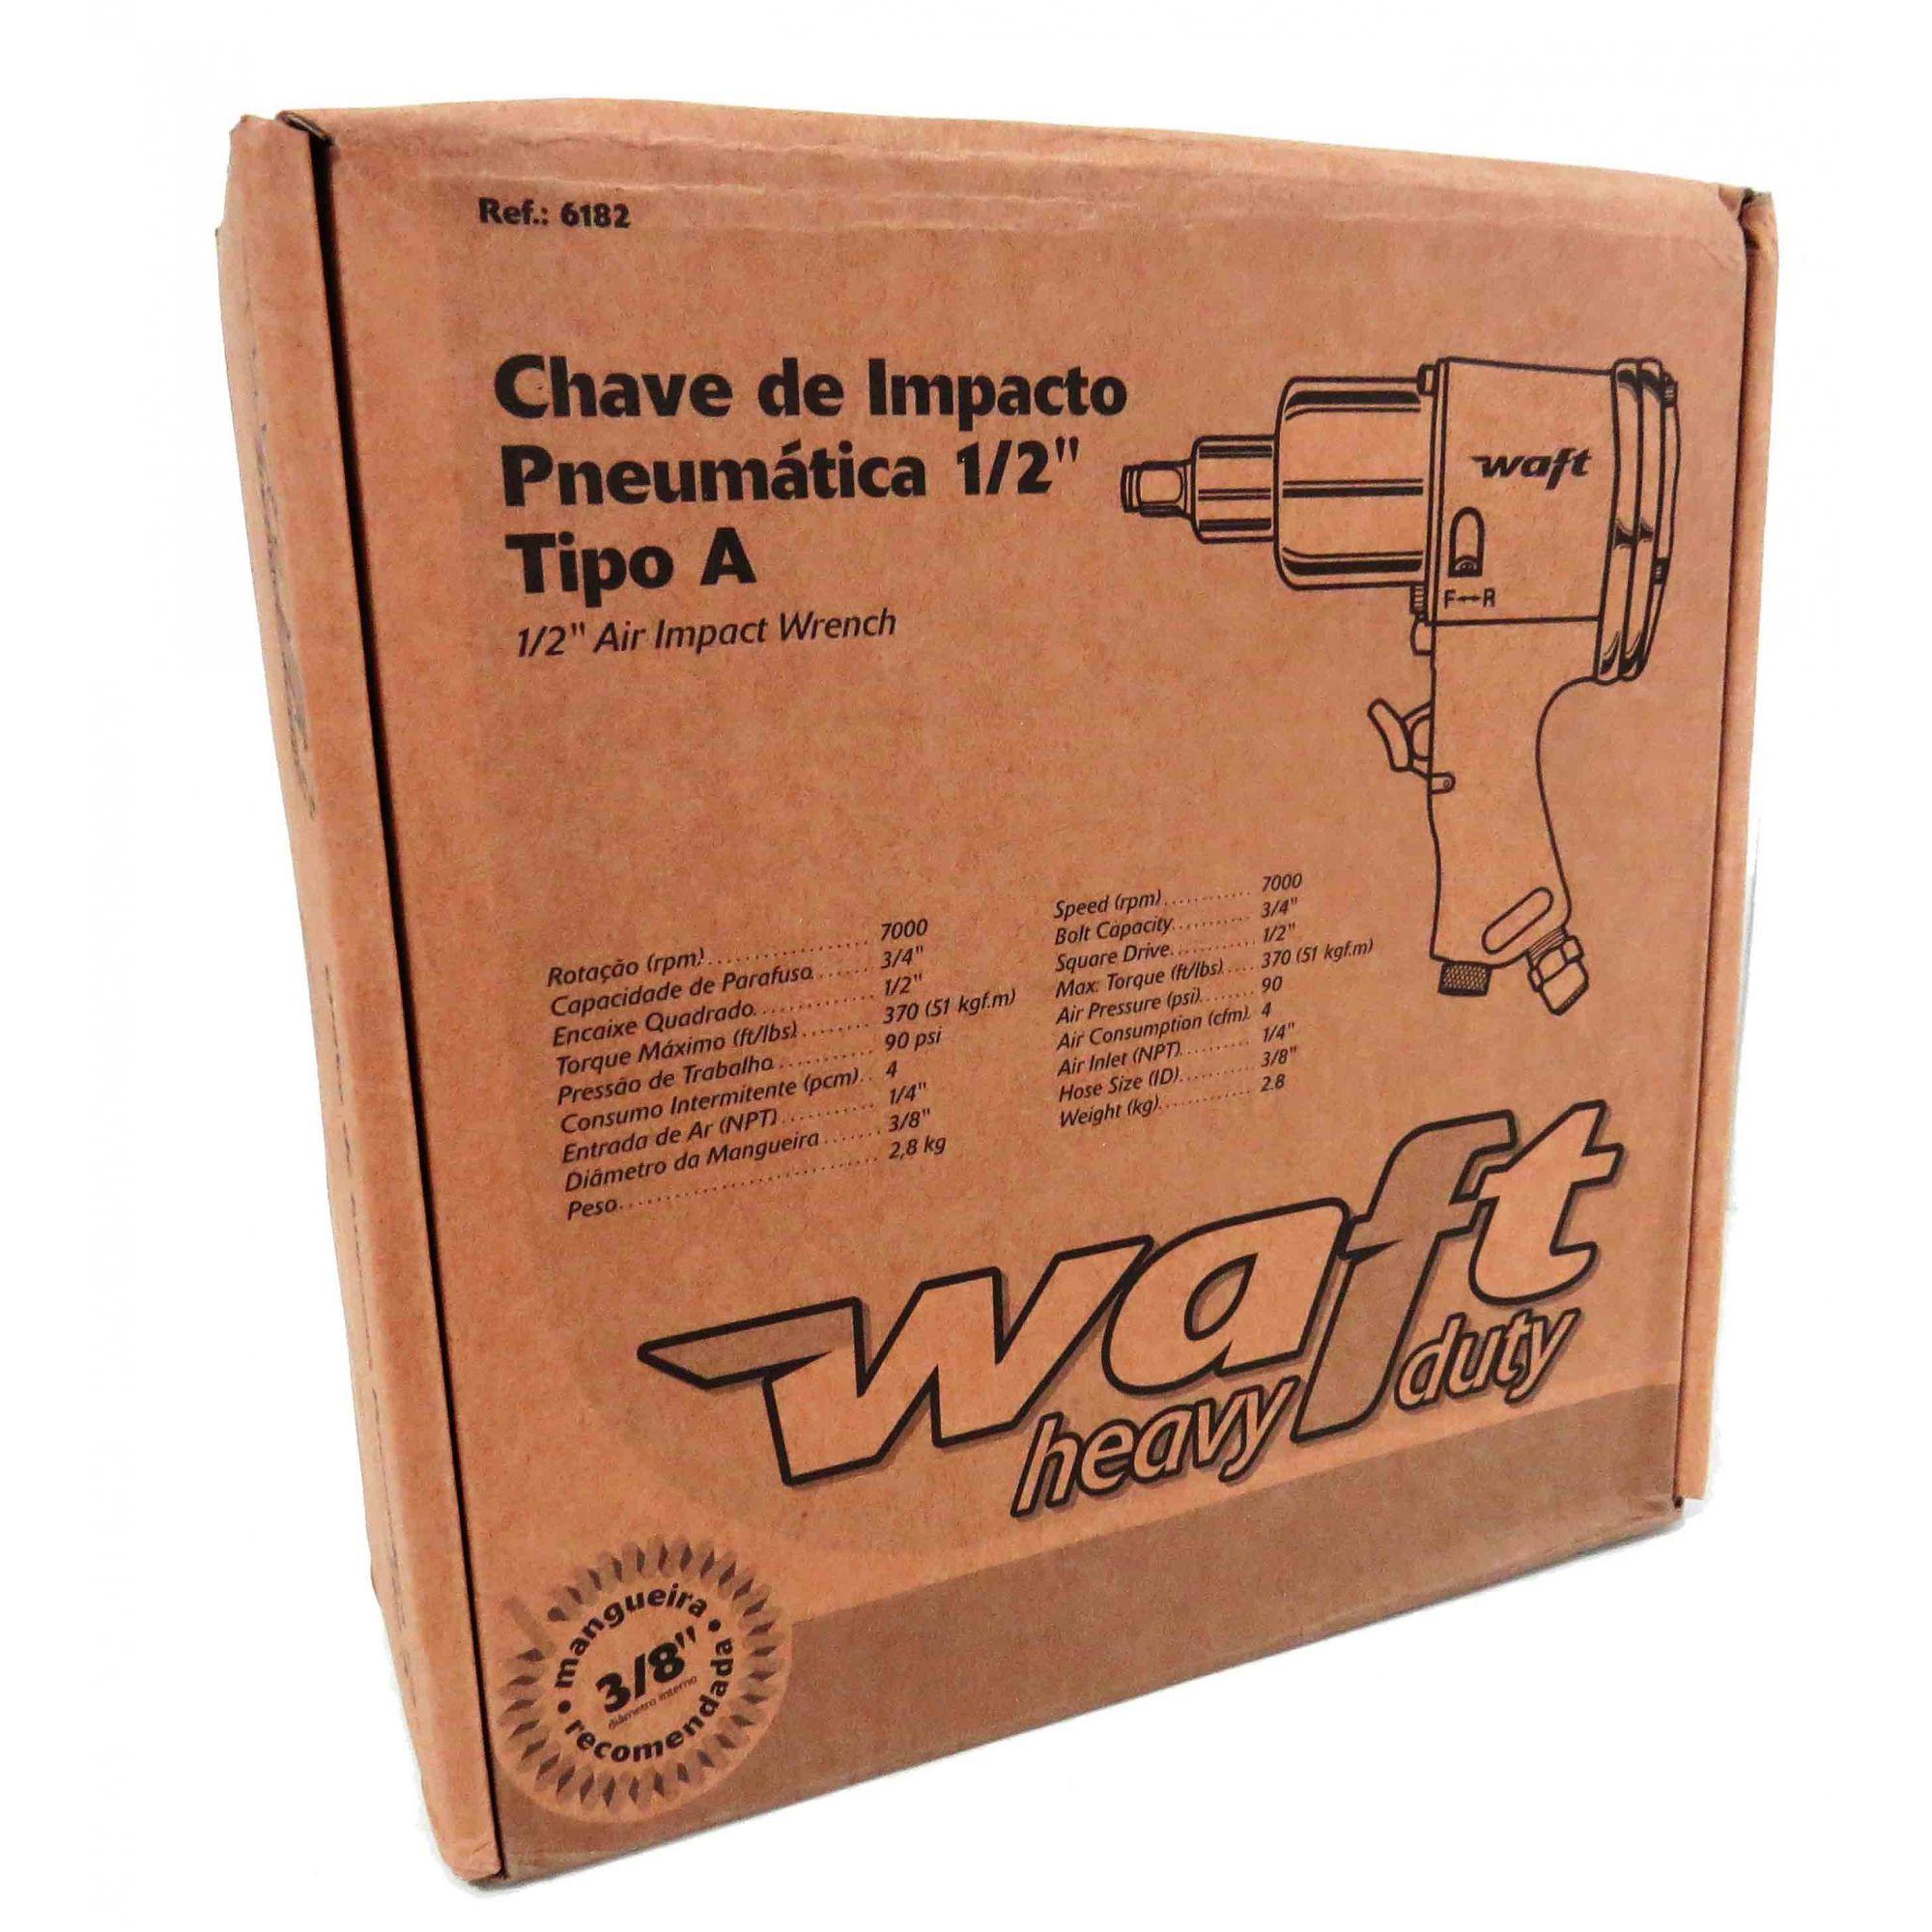 Chave Parafusadeira De Impacto Pneumatica 1/2pol 51kgf Profissional Waft BG3